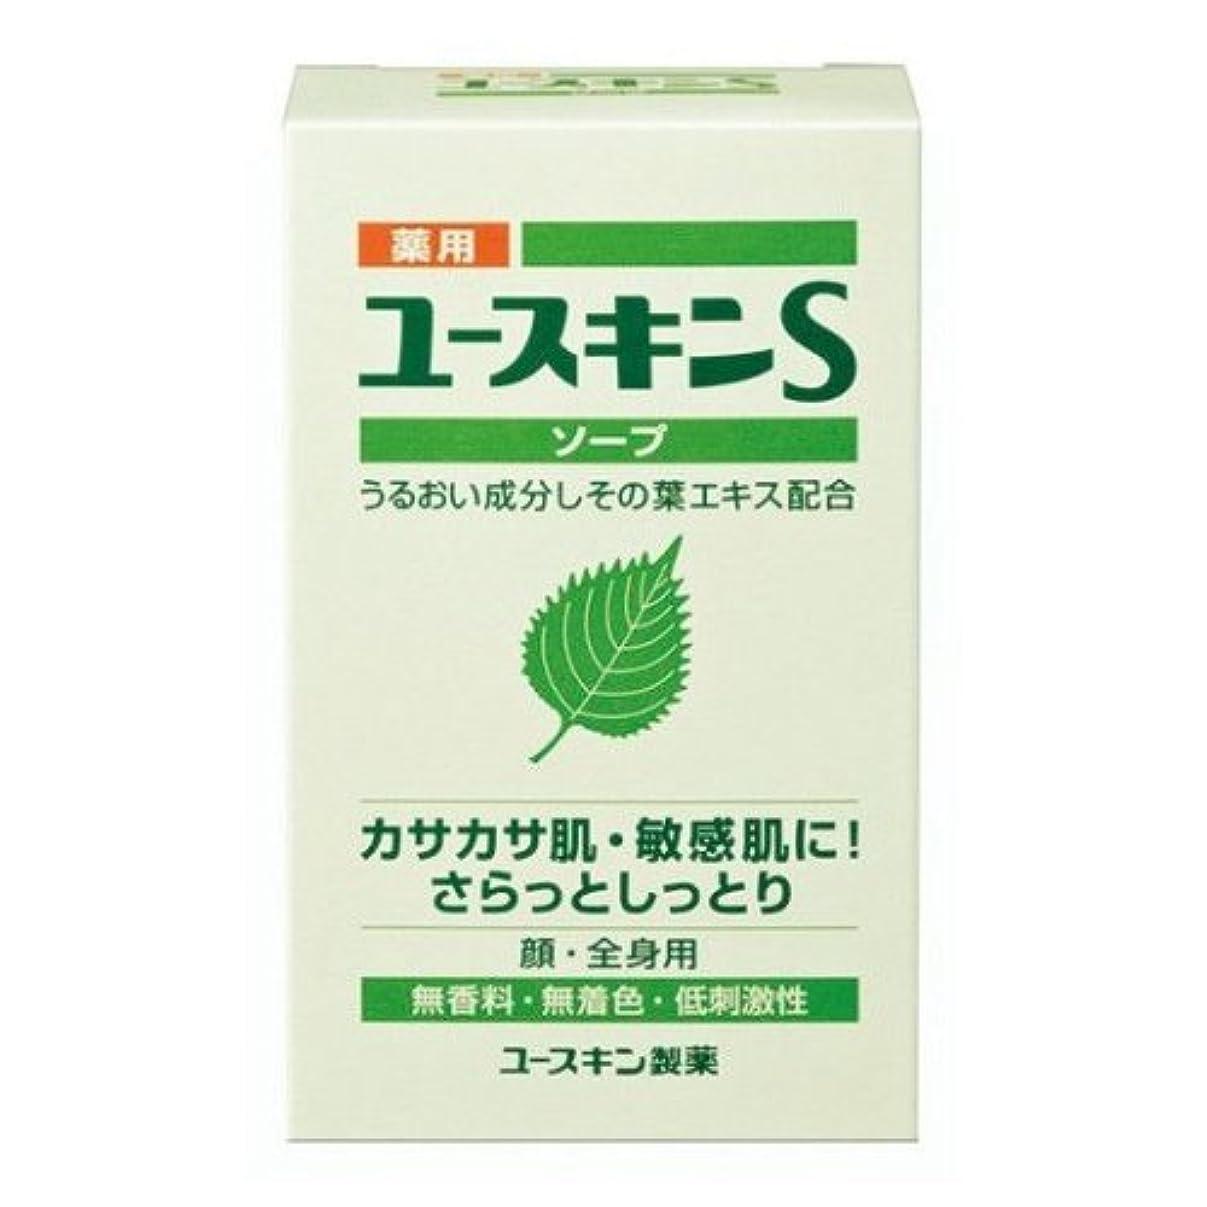 大胆不敵修士号同性愛者ユースキン製薬 薬用ユースキンSソープ 90g(医薬部外品)